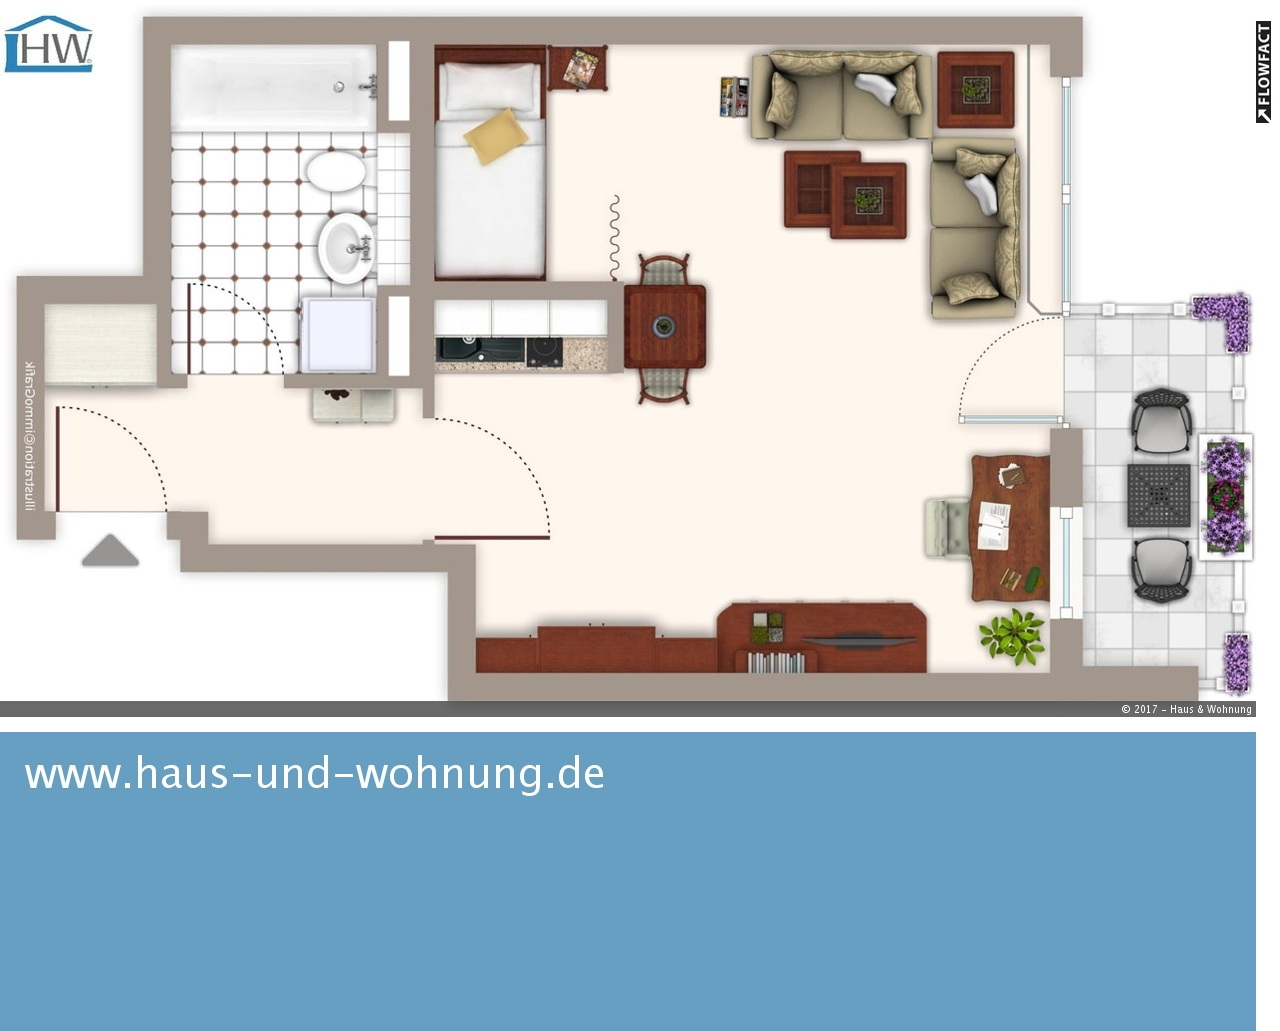 haus und wohnung markus l hr clever geschnittene singelwohnung central aber ruhig gelegen in. Black Bedroom Furniture Sets. Home Design Ideas